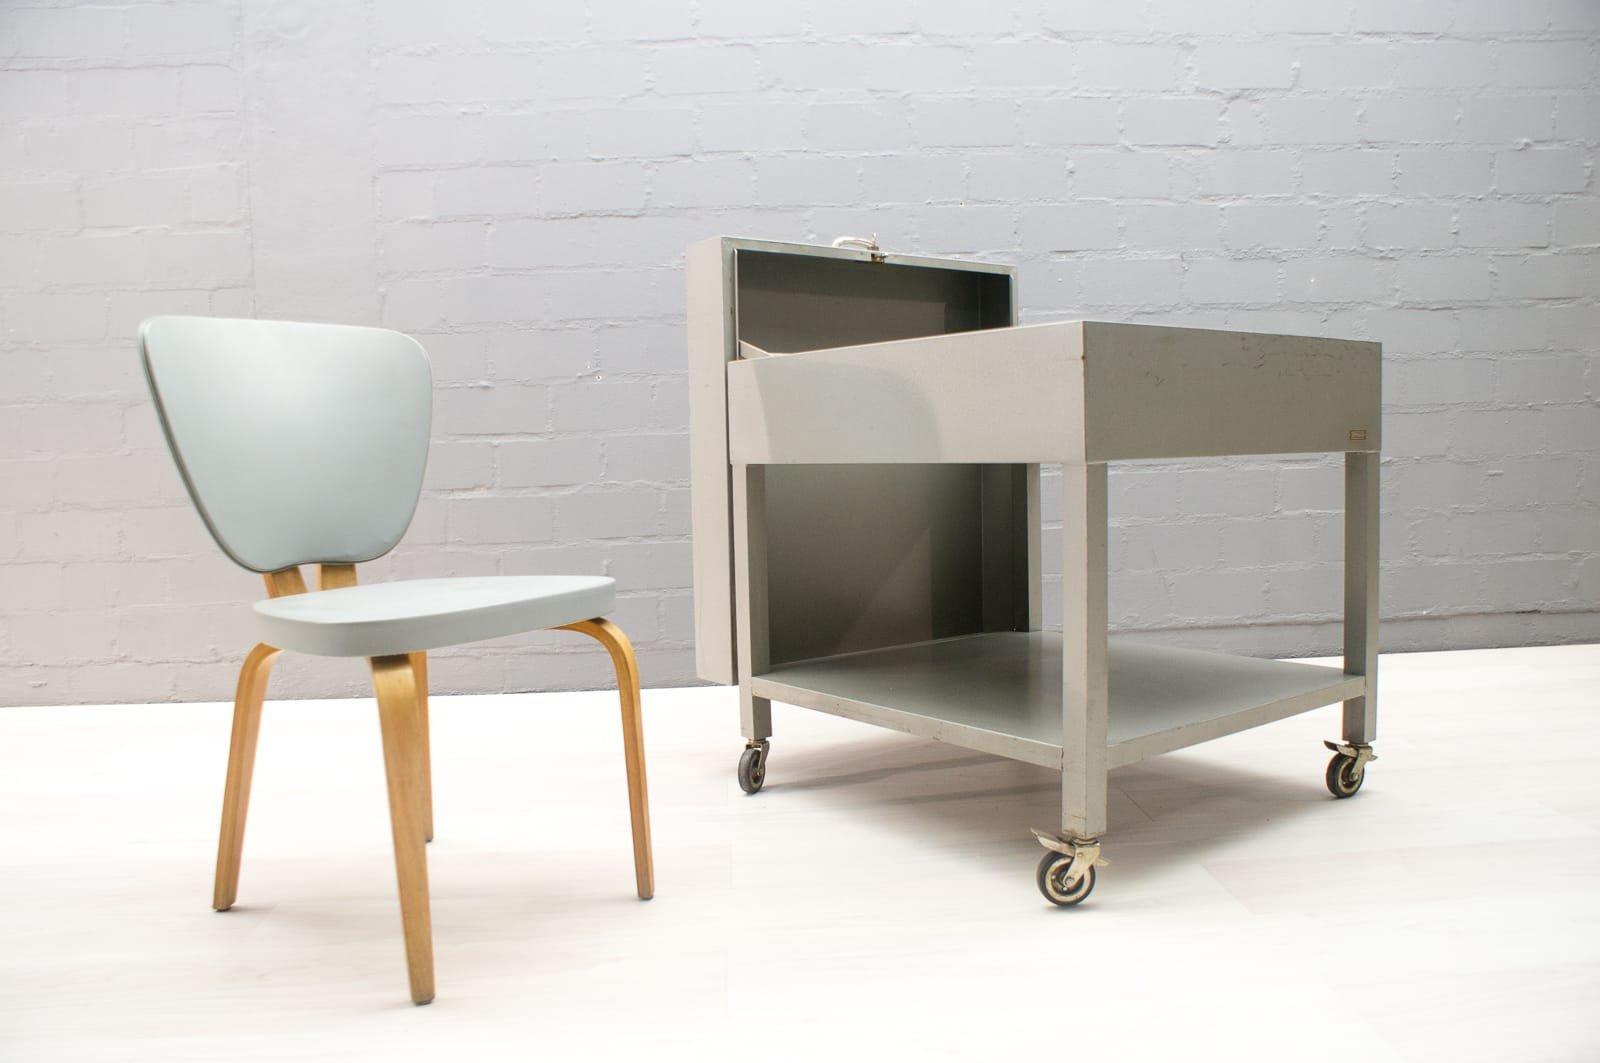 deutscher mid century schichtholz stuhl bei pamono kaufen. Black Bedroom Furniture Sets. Home Design Ideas